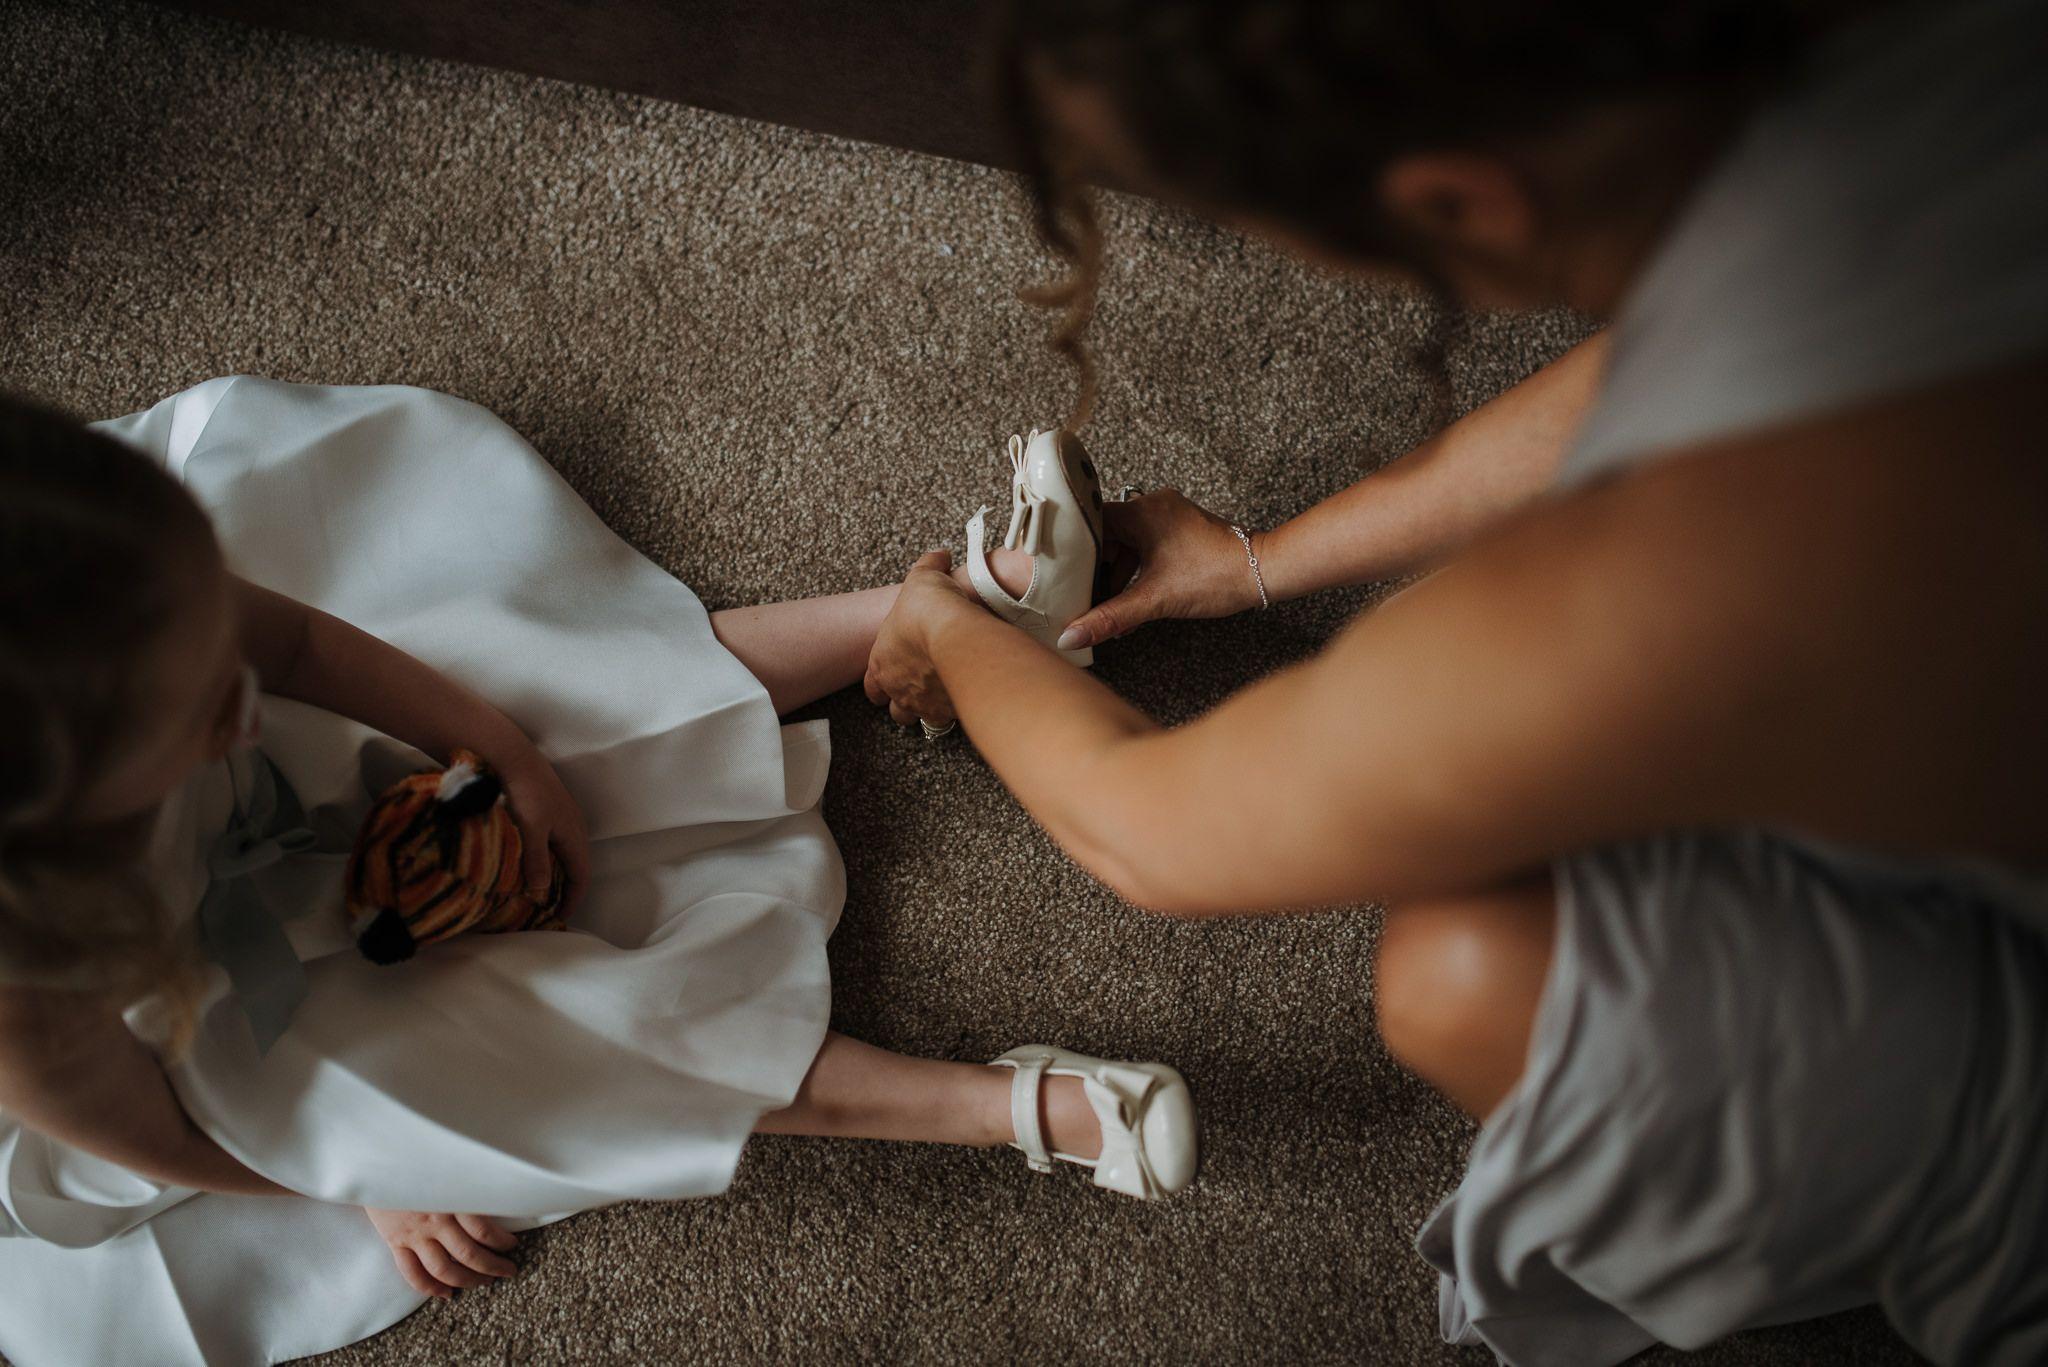 yorkshire-bridal-prep-photos-6.jpg